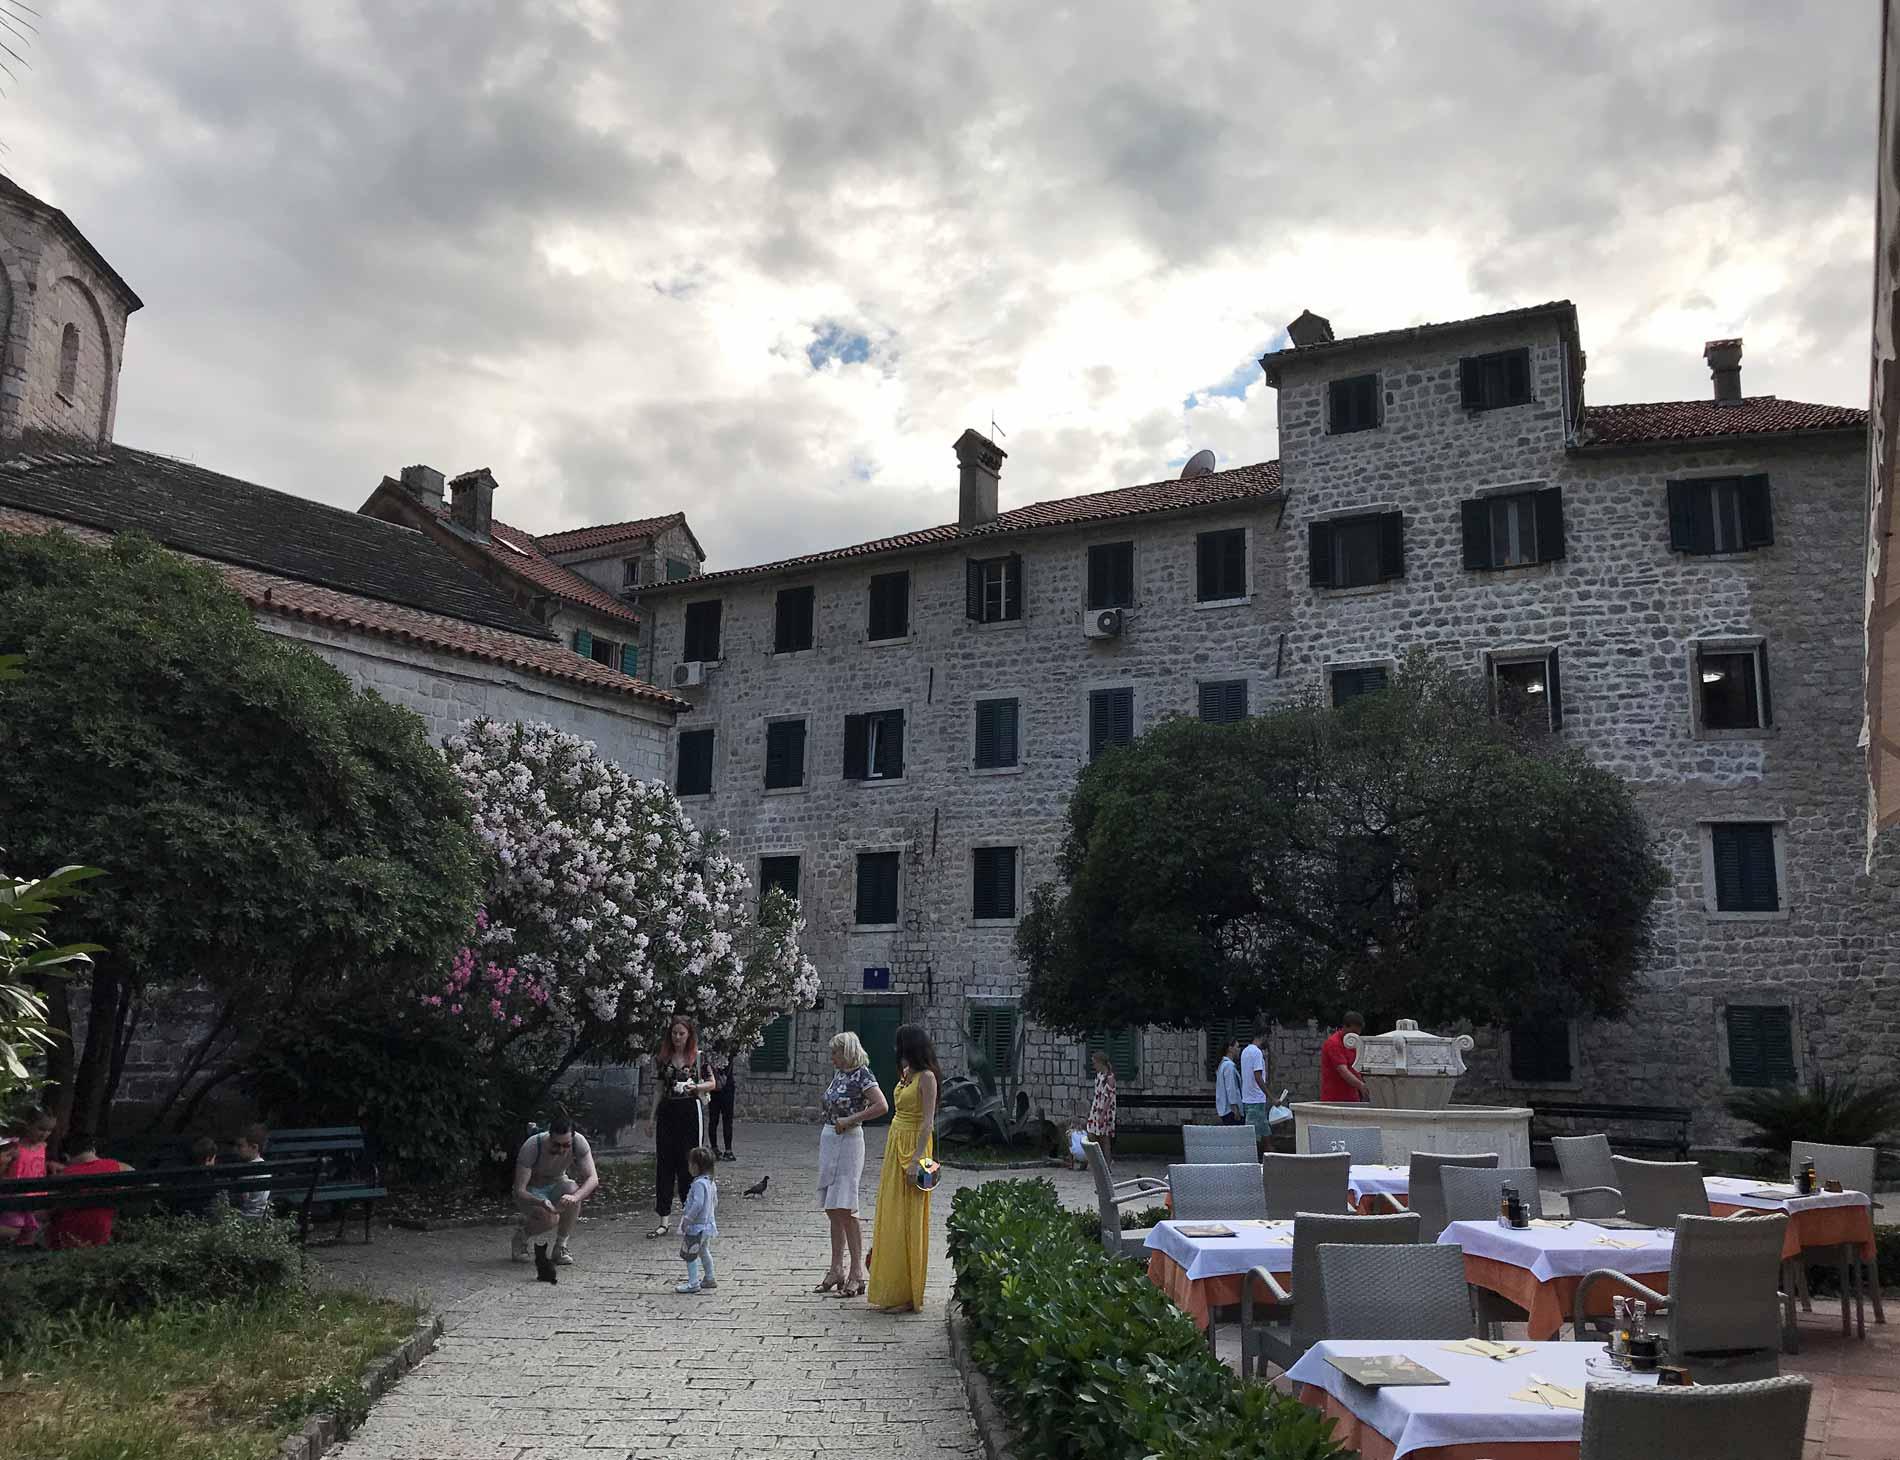 Kotor-Montenegro-Pjaca-Od-Drva-olenadri-persone-gatti-randagi